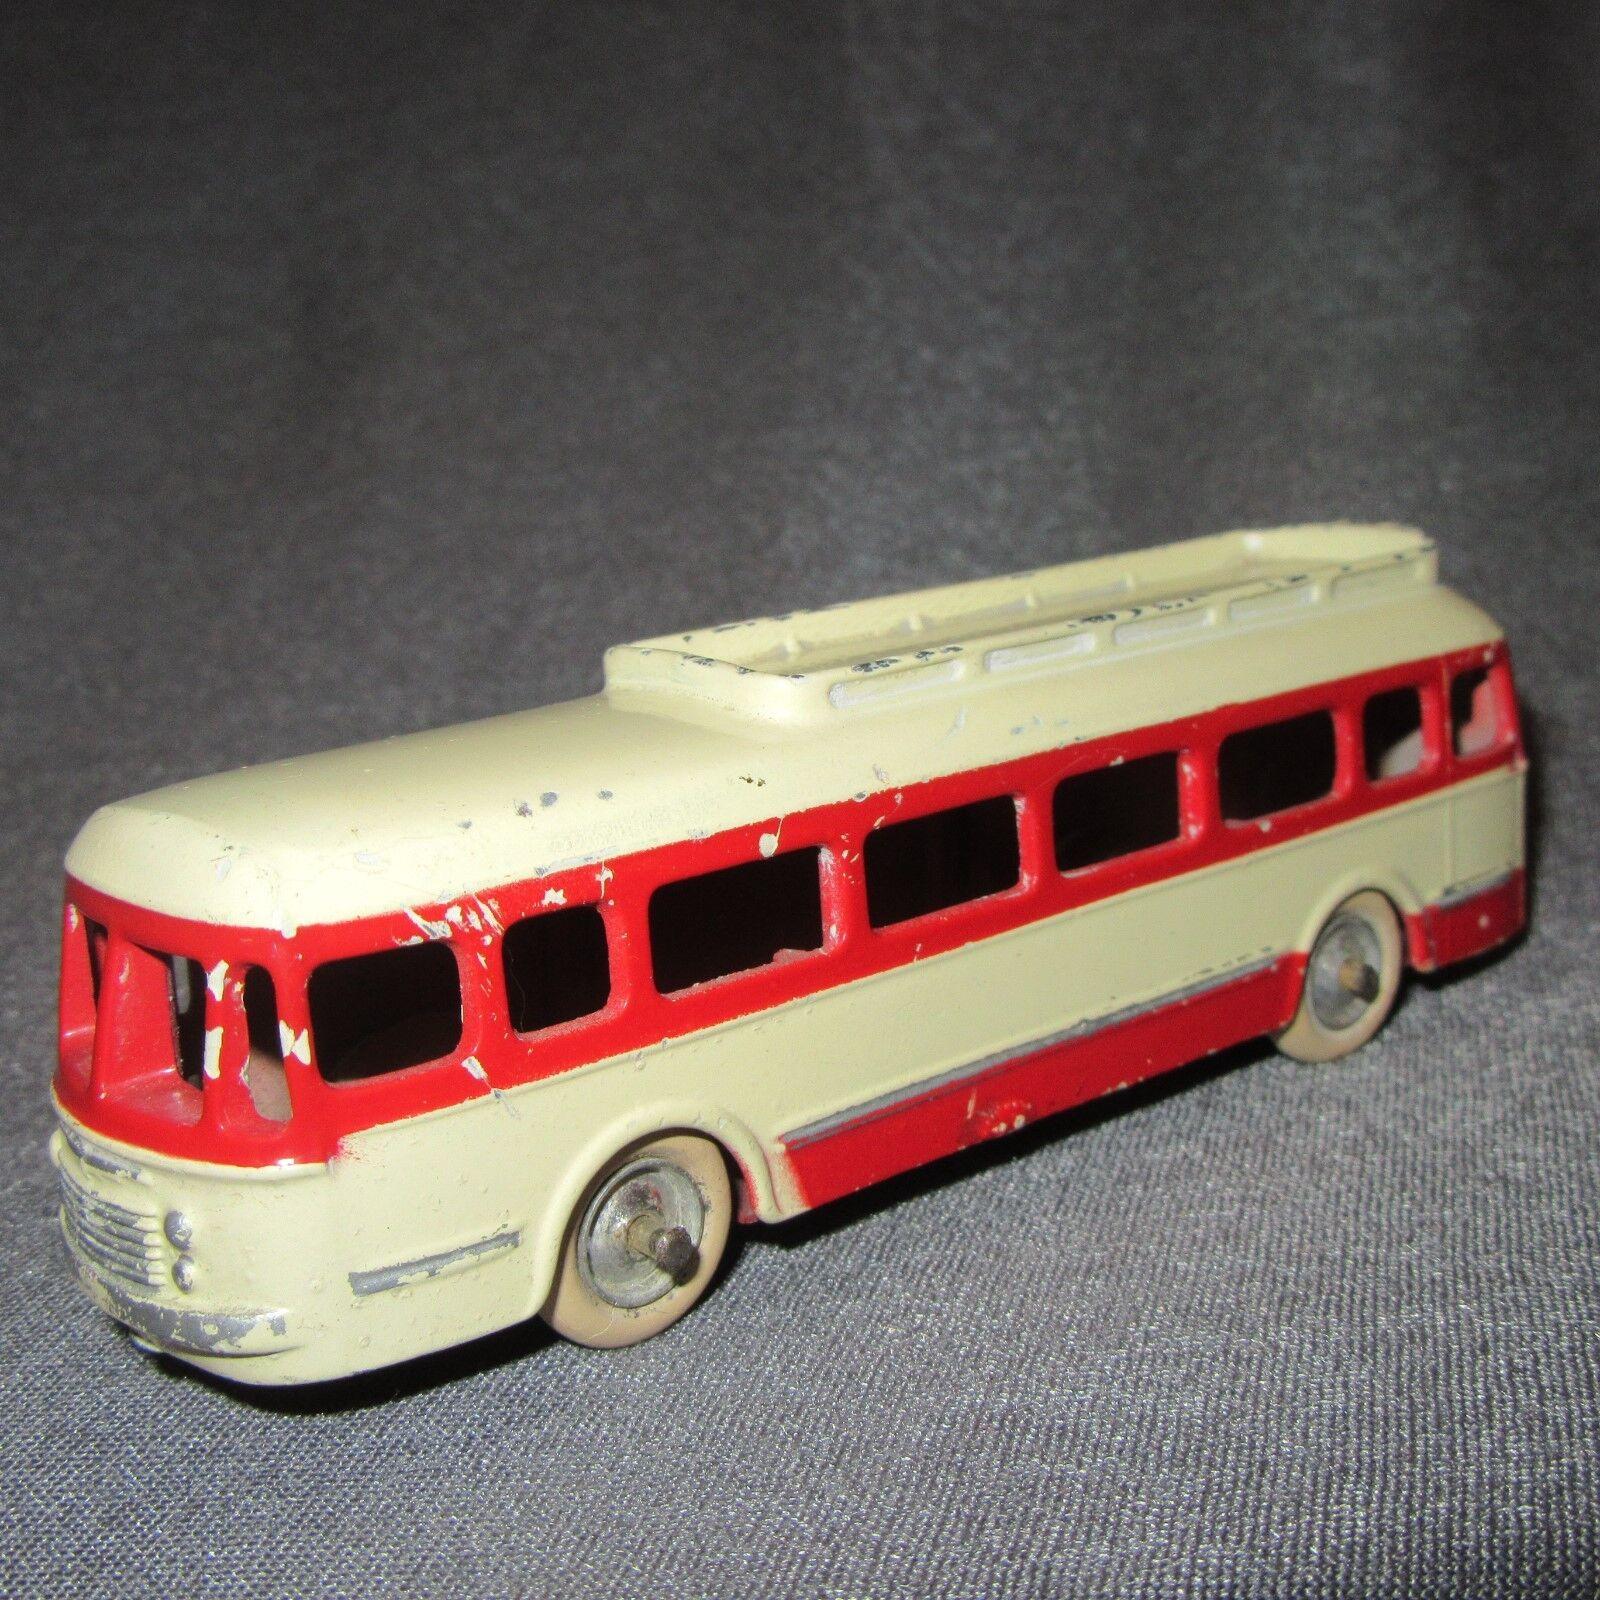 seguro de calidad 270D Vintage CIJ 3 40 Coche Renault Bus 1 1 1 65  diseño único